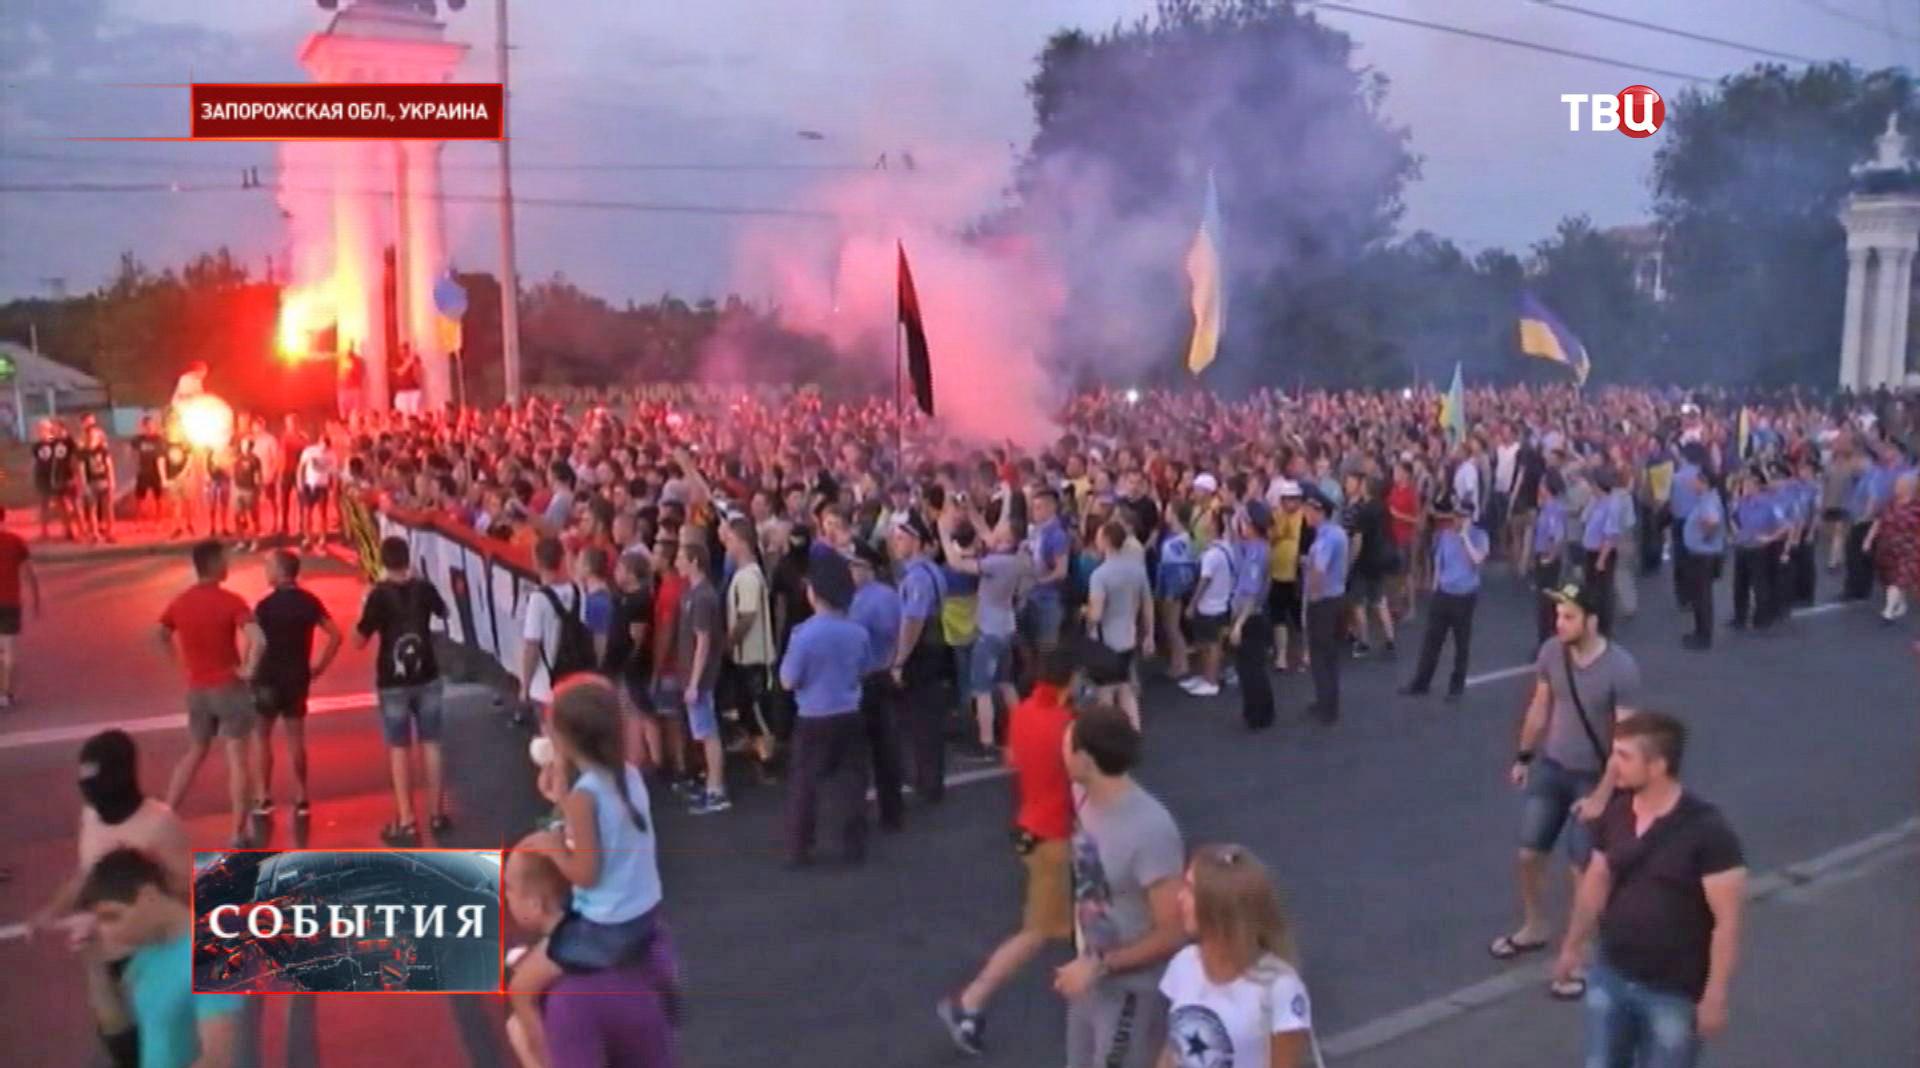 Пикет неонацистов в Запорожской области